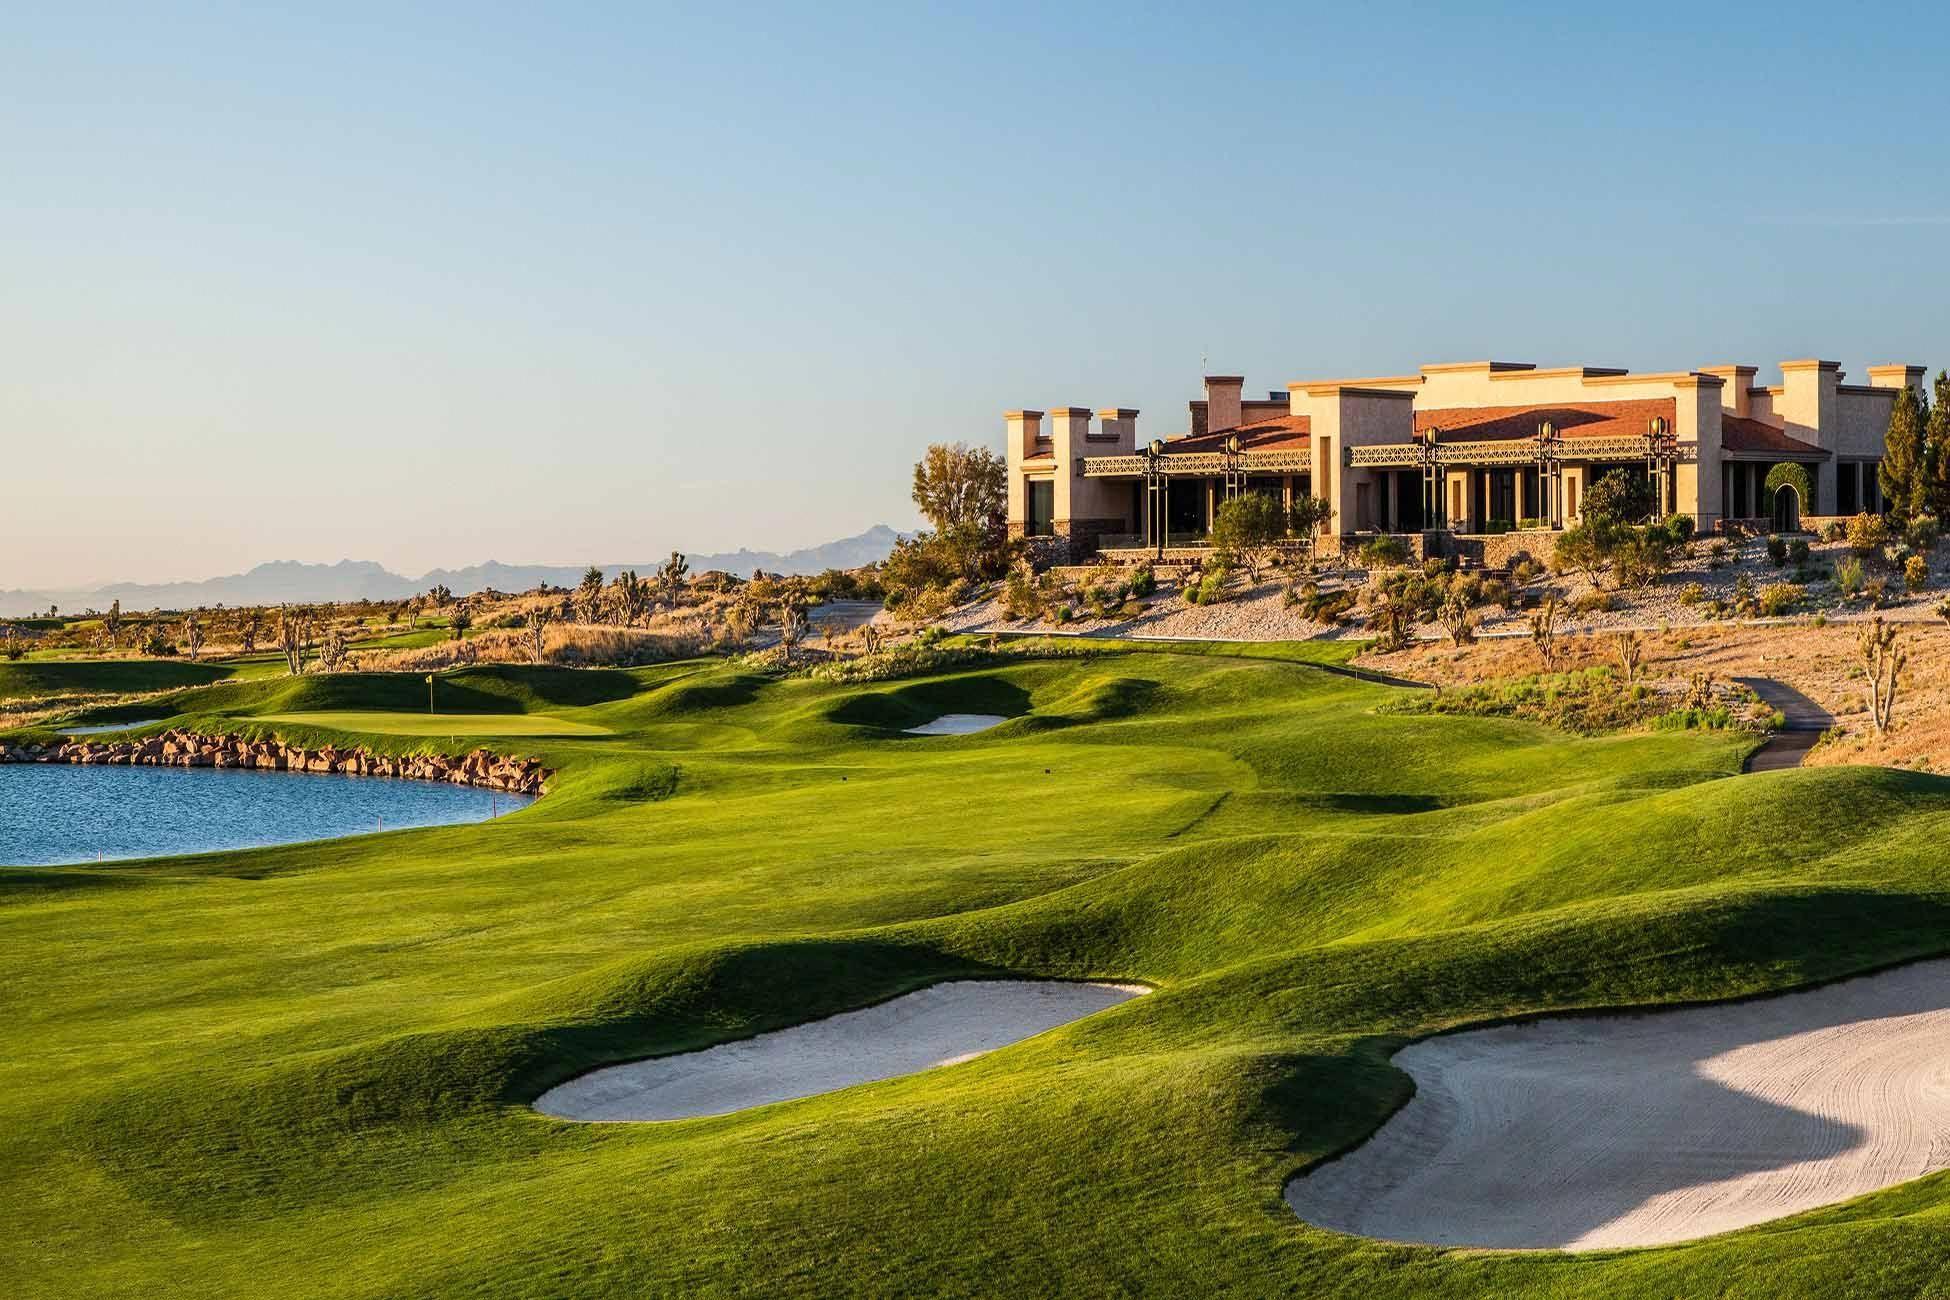 Paiute Golf Club Resort Las Vegas Nevada Wolf Course